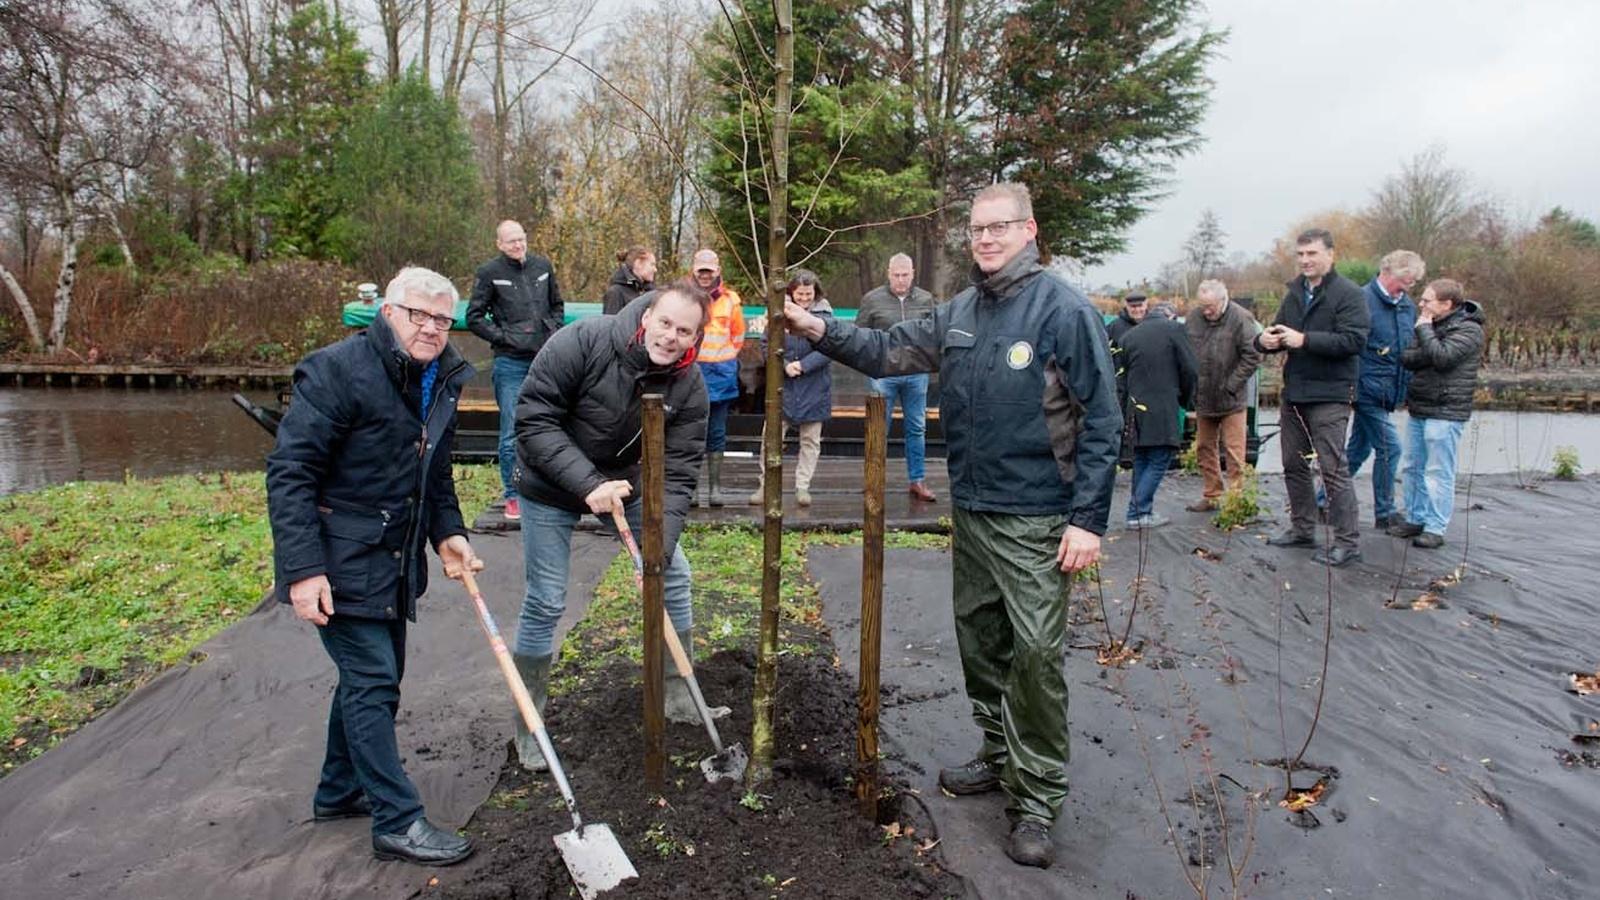 Aanplant laatste boom met wethouder van Rijn. Rechts is aanplant moerasbos zichtbaar